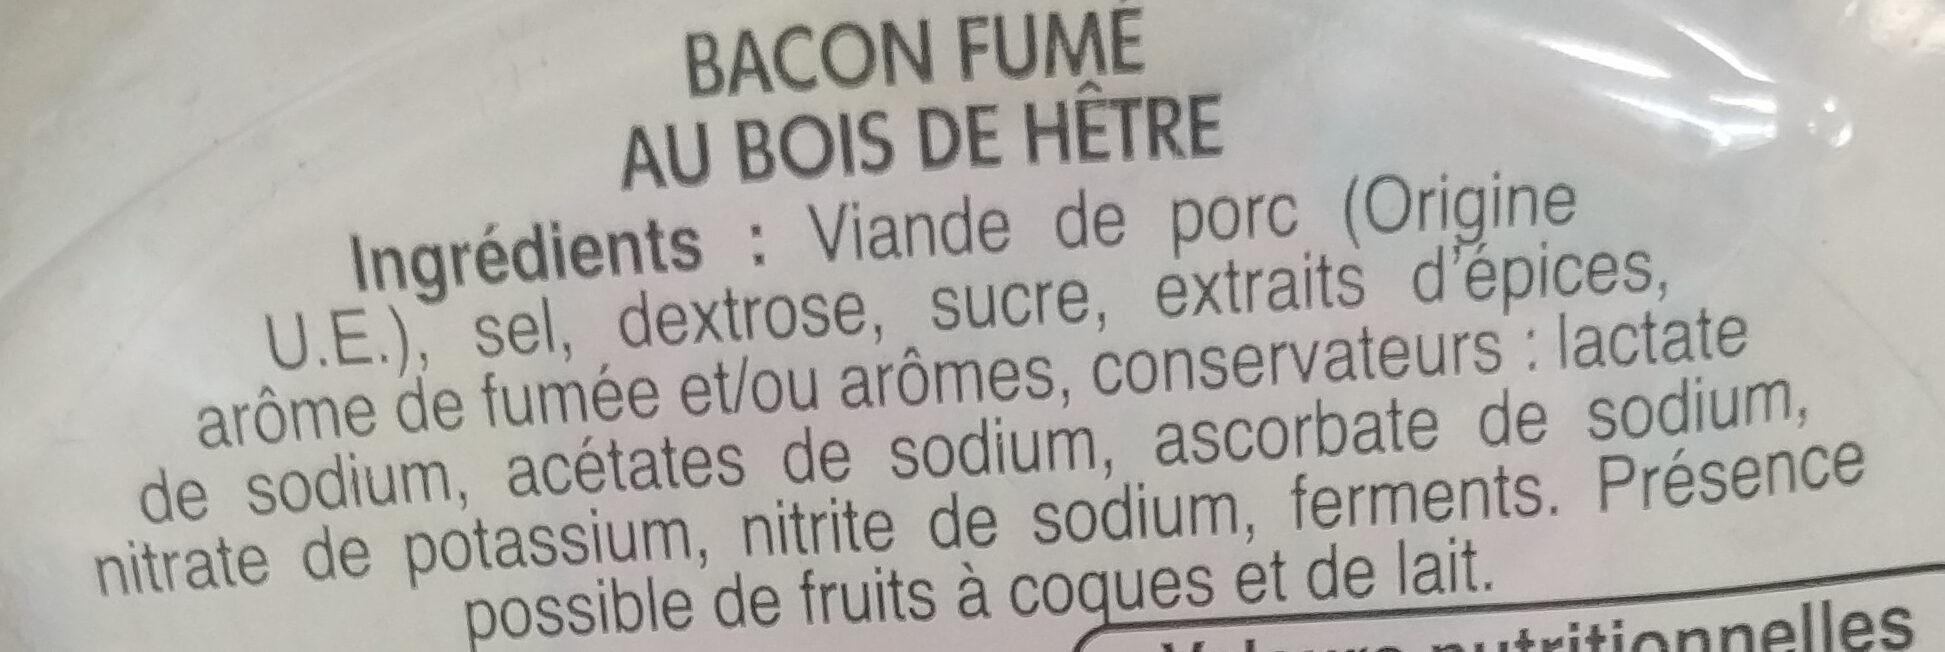 Les belles tranches bacon - Ingrédients - fr